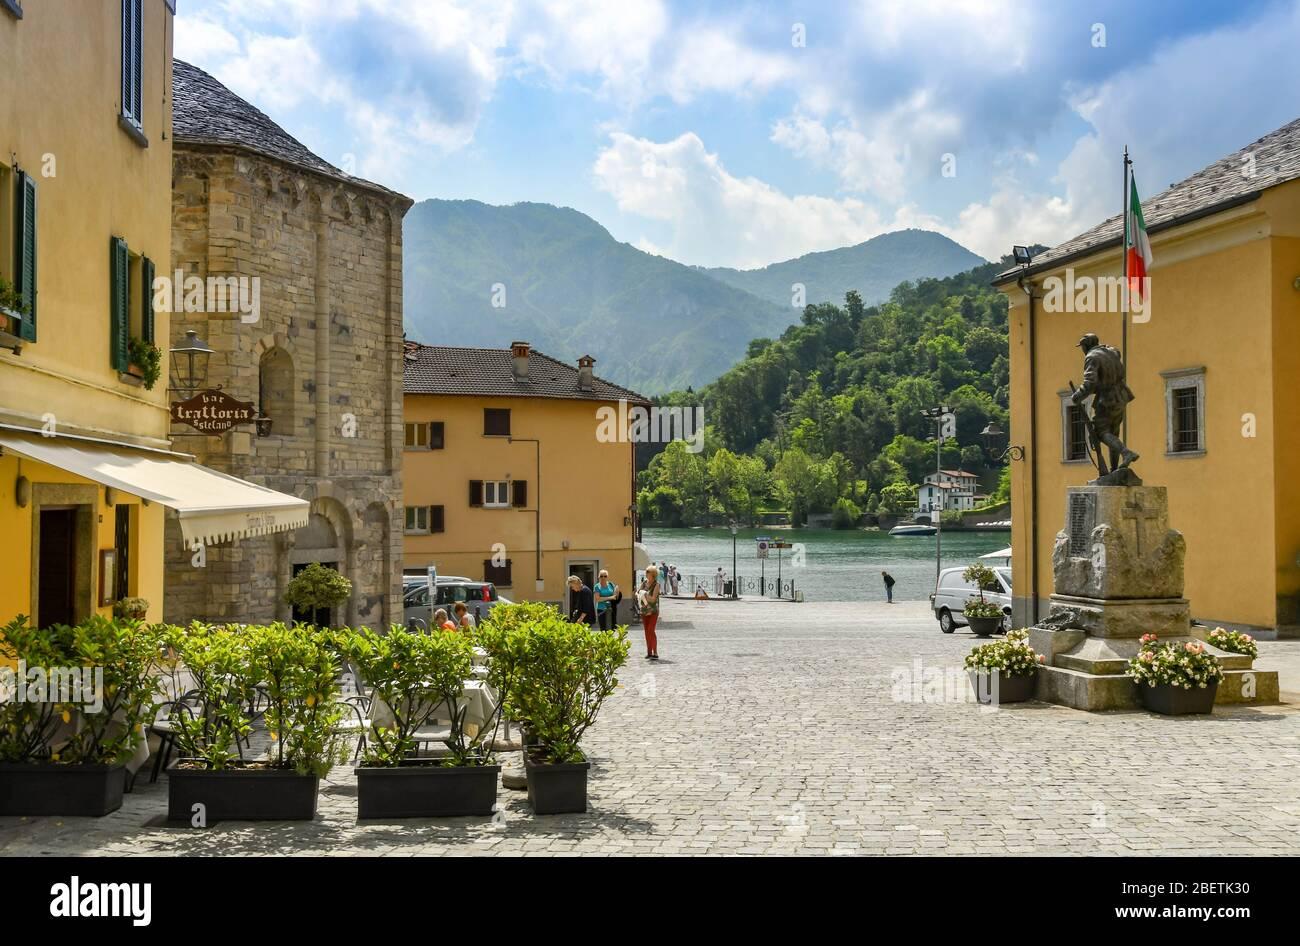 LENNO, LAGO COMO, ITALIA - JUNIO 2019: Plaza del pueblo en Lenno en el Lago como Foto de stock